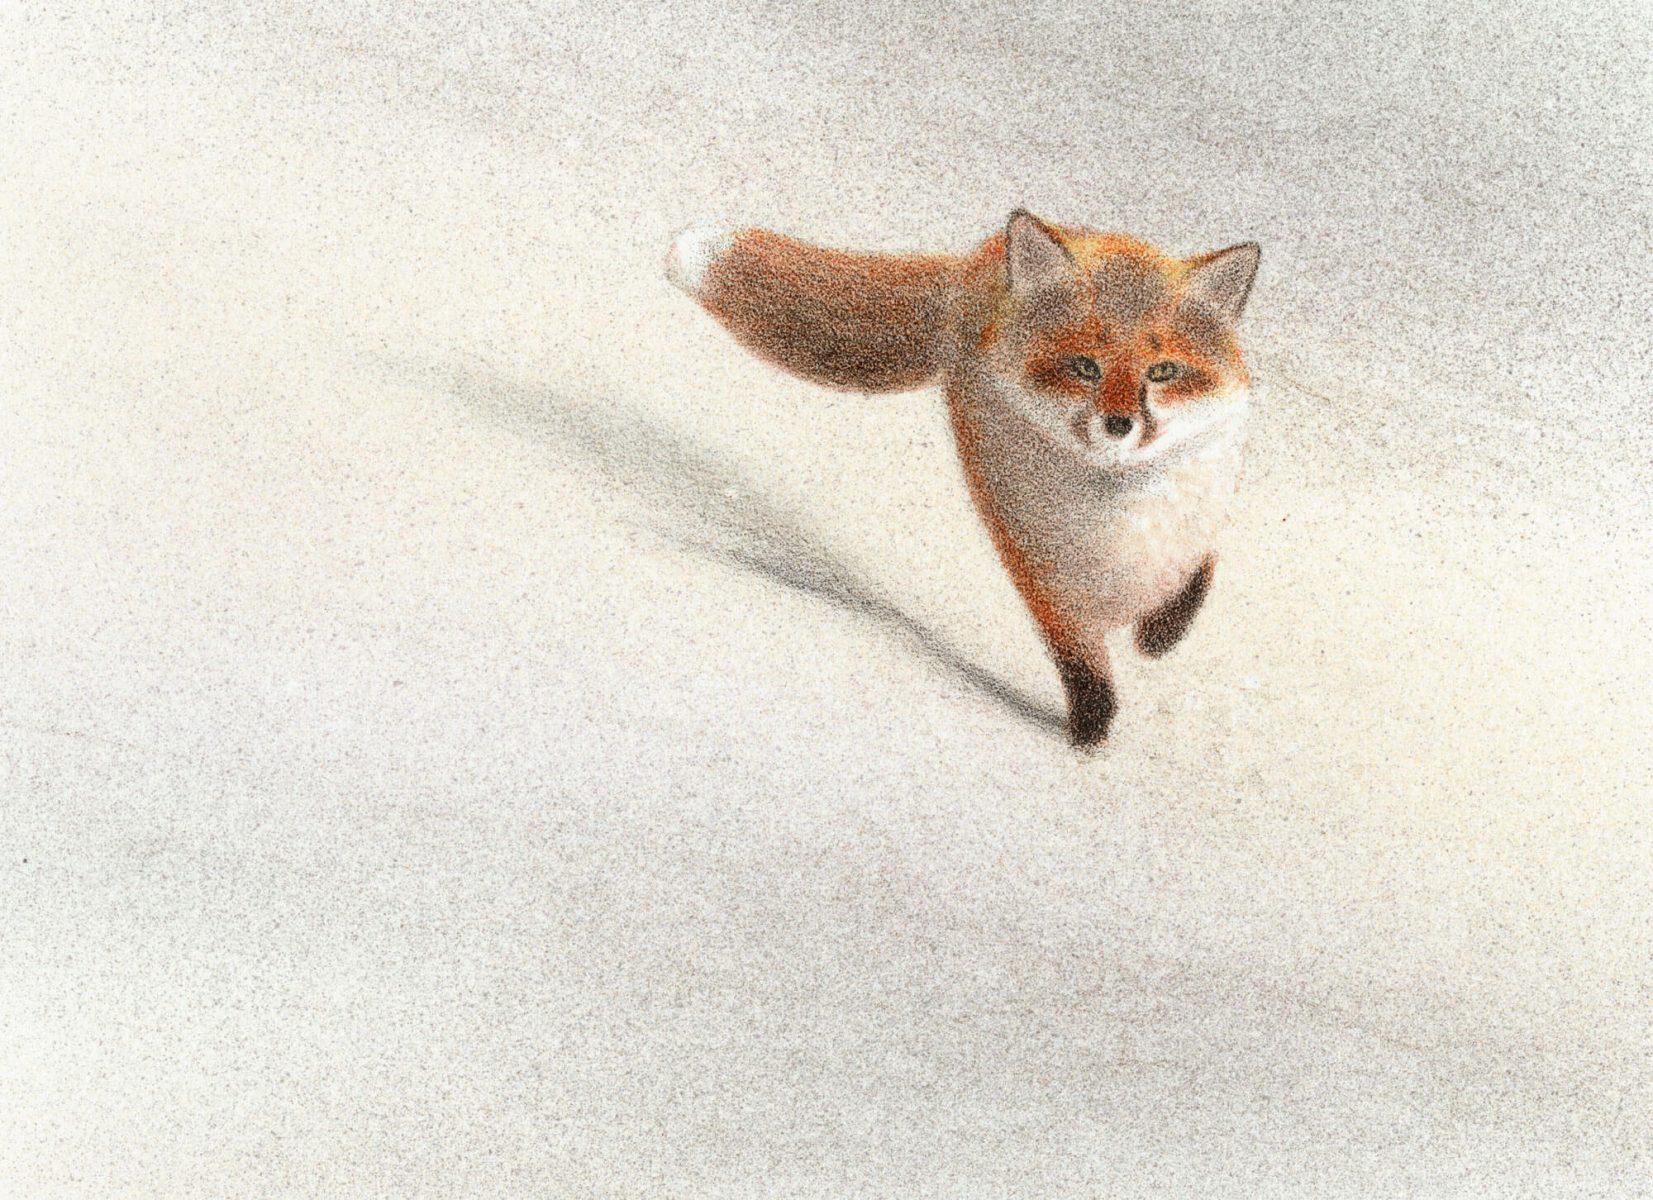 Le renard la nuit et jacques rime - Renard en dessin ...